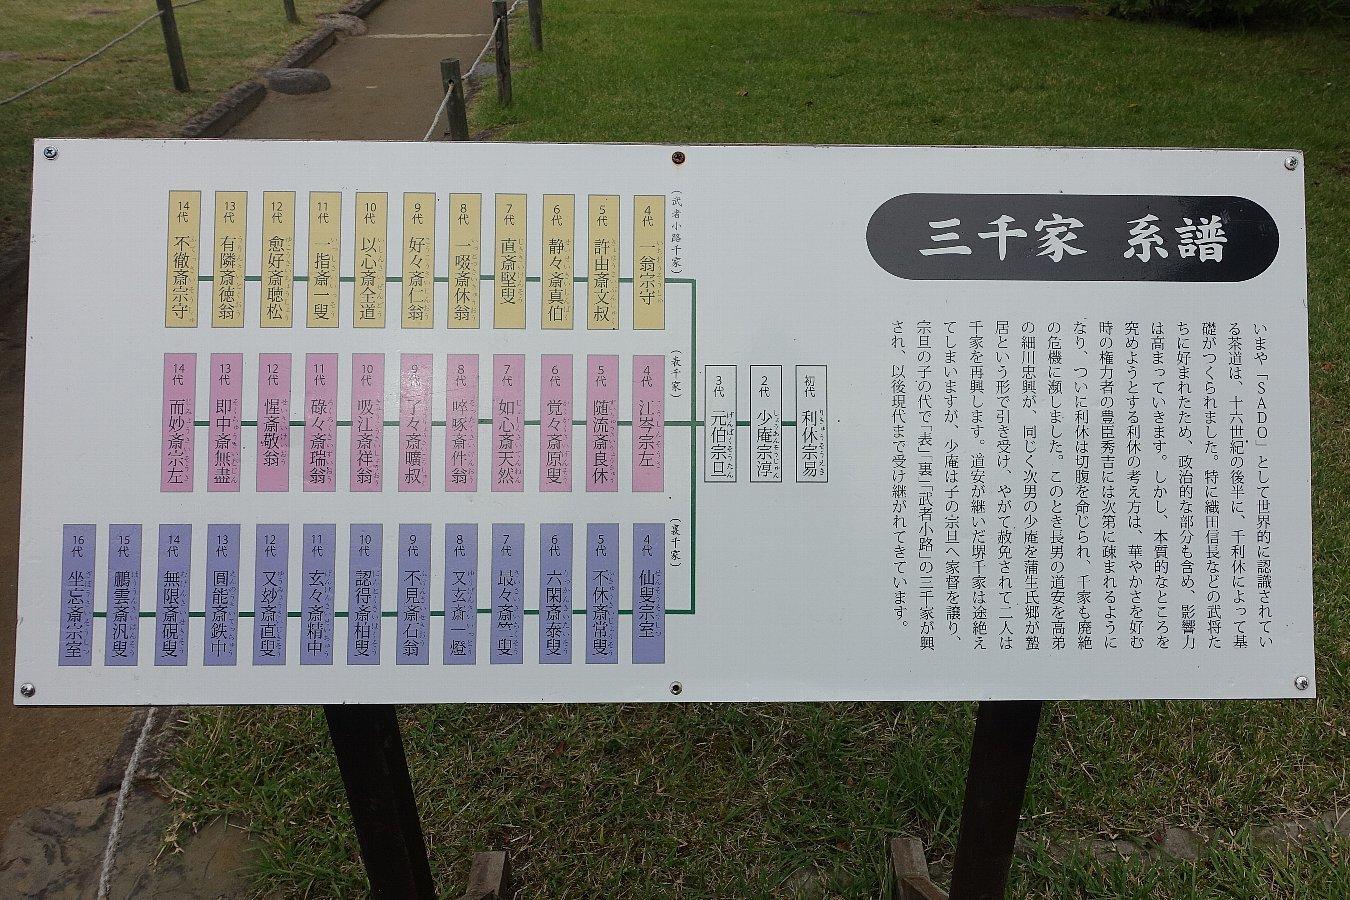 鶴ヶ城公園 茶室「麟閣」_c0112559_08423777.jpg